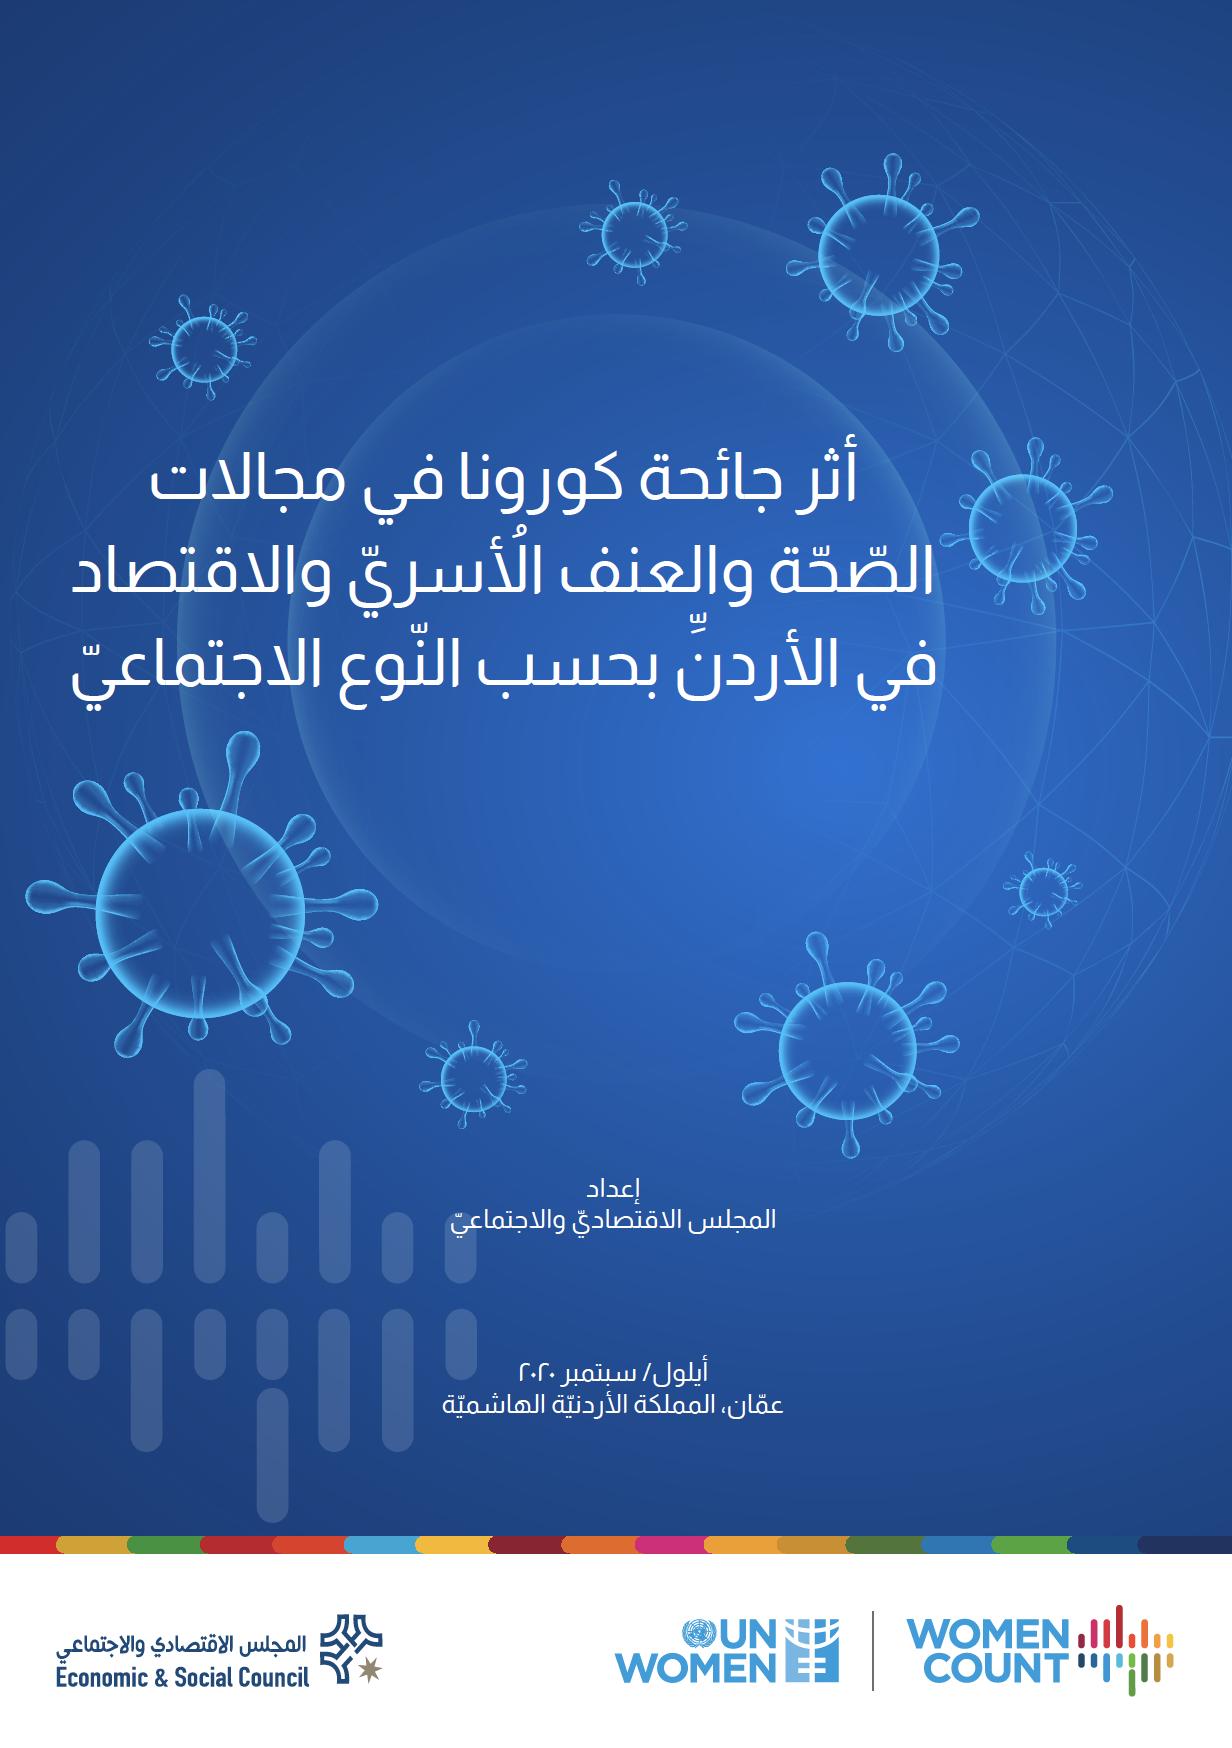 أثر جائحة كورونا في مجالات الصحة والعنف الأسري والاقتصاد في الأردن بحسب النوع الاجتماعي